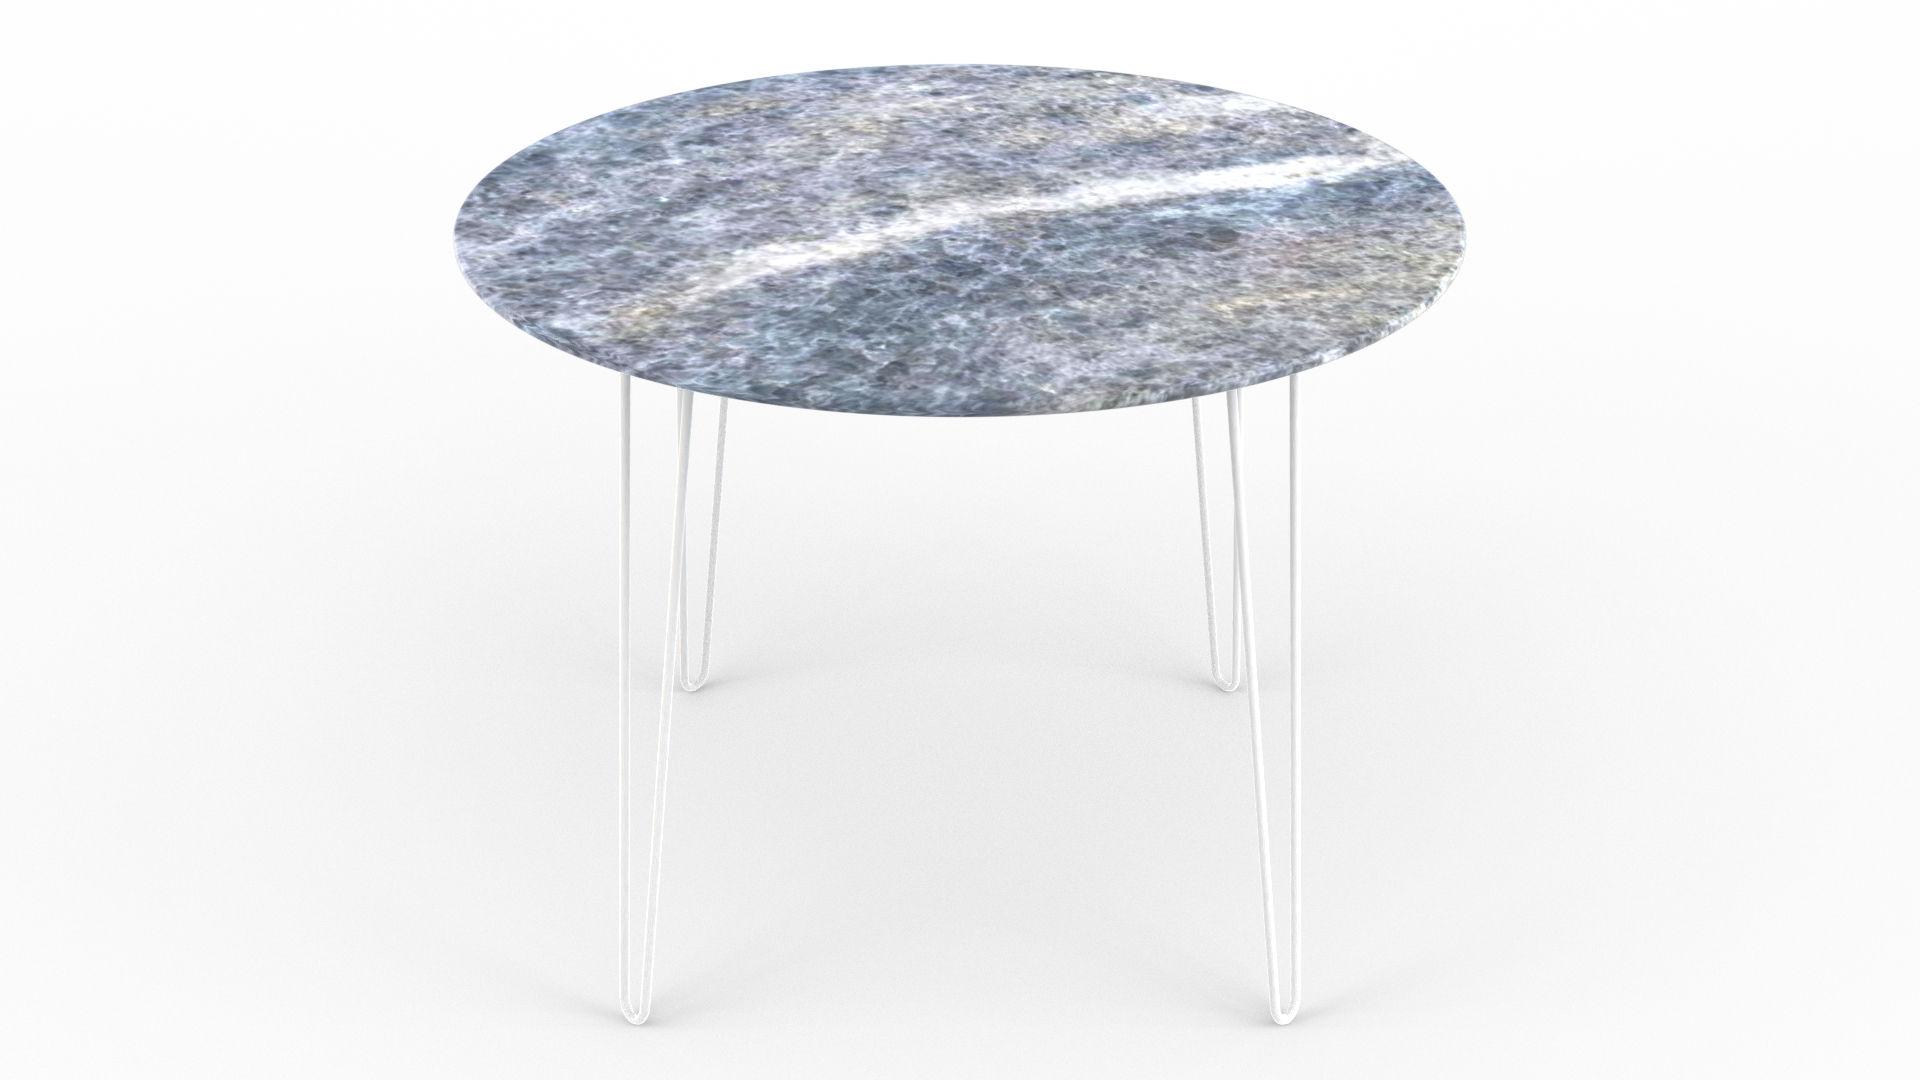 Le retour du mobilier en marbre avec ici une table à manger en marbre calcite iceberg azulata